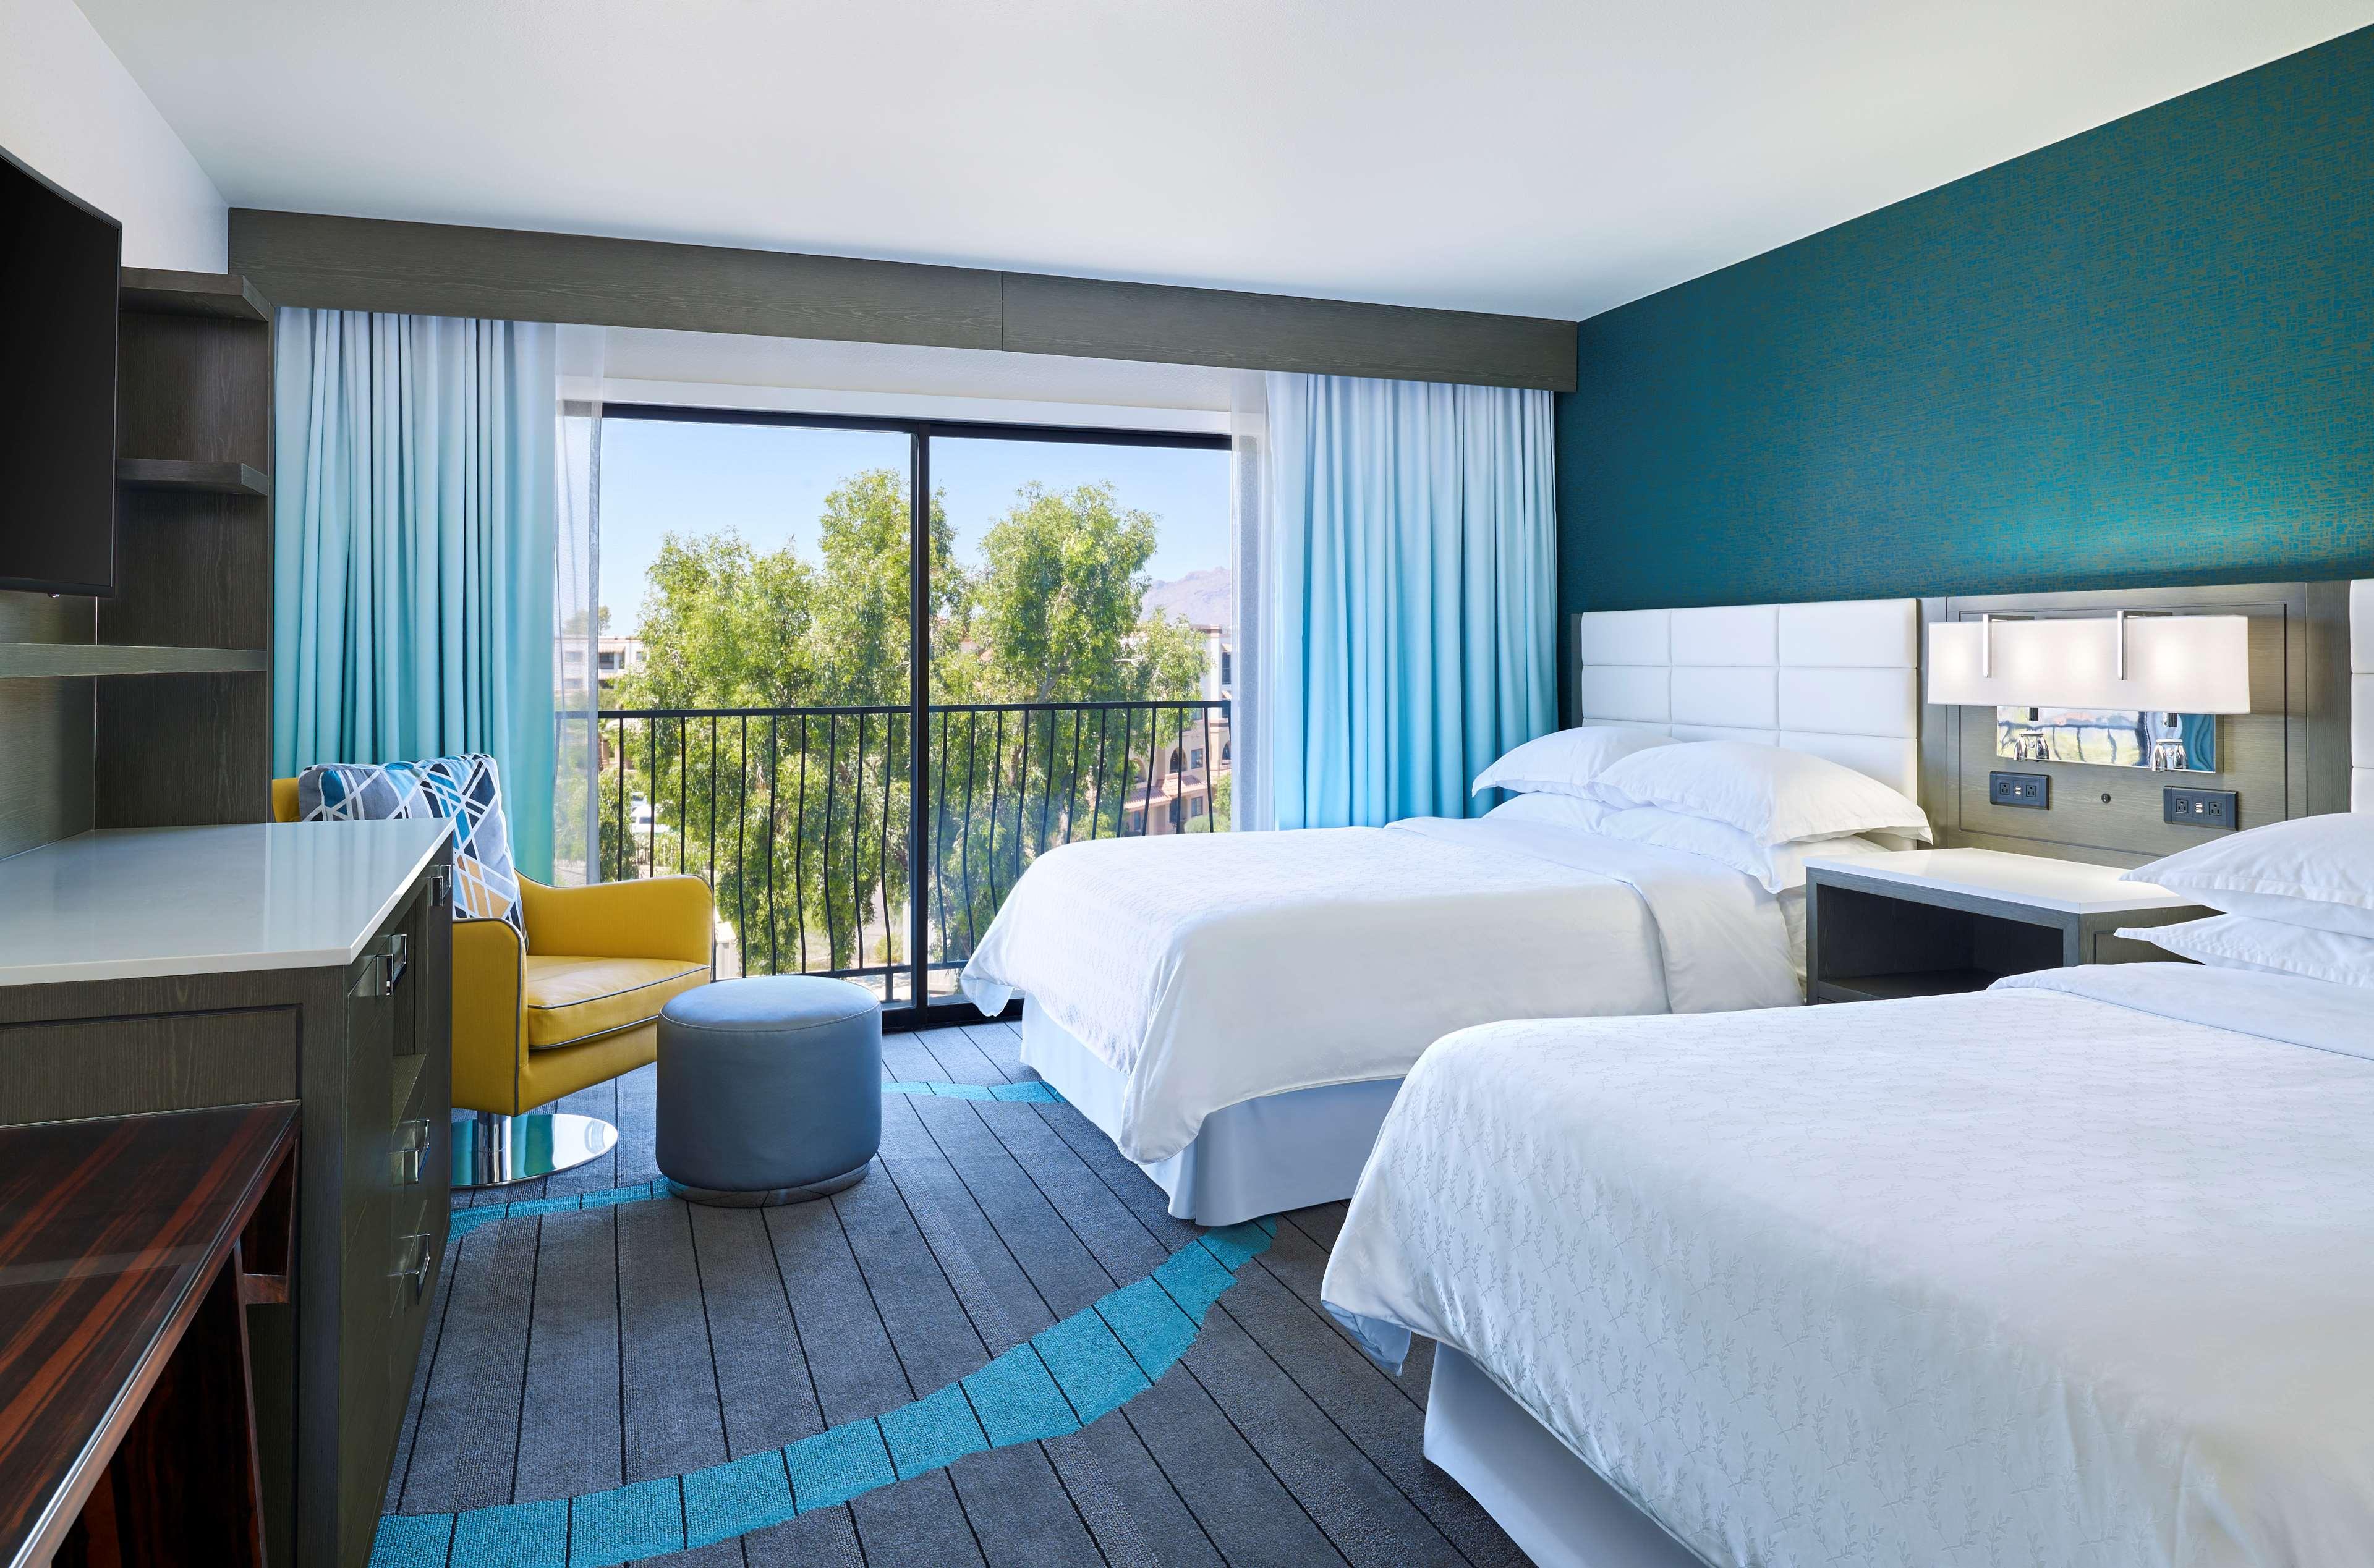 Sheraton Tucson Hotel & Suites image 19